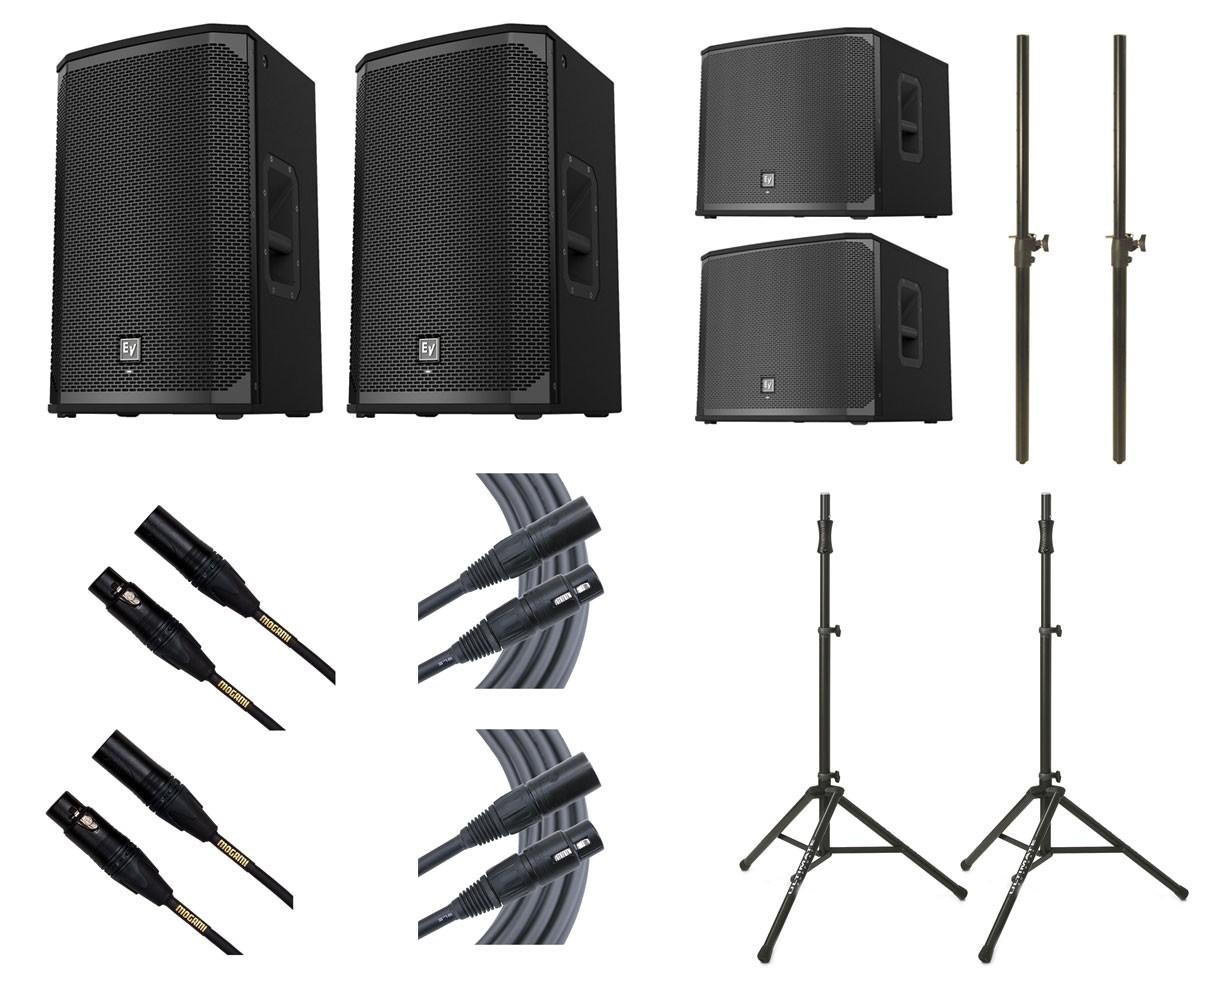 2x Electro-Voice EKX-12P + 2x EV EXK-15SP + 2x Ultimate TS-100B + Mogami Cables + Poles